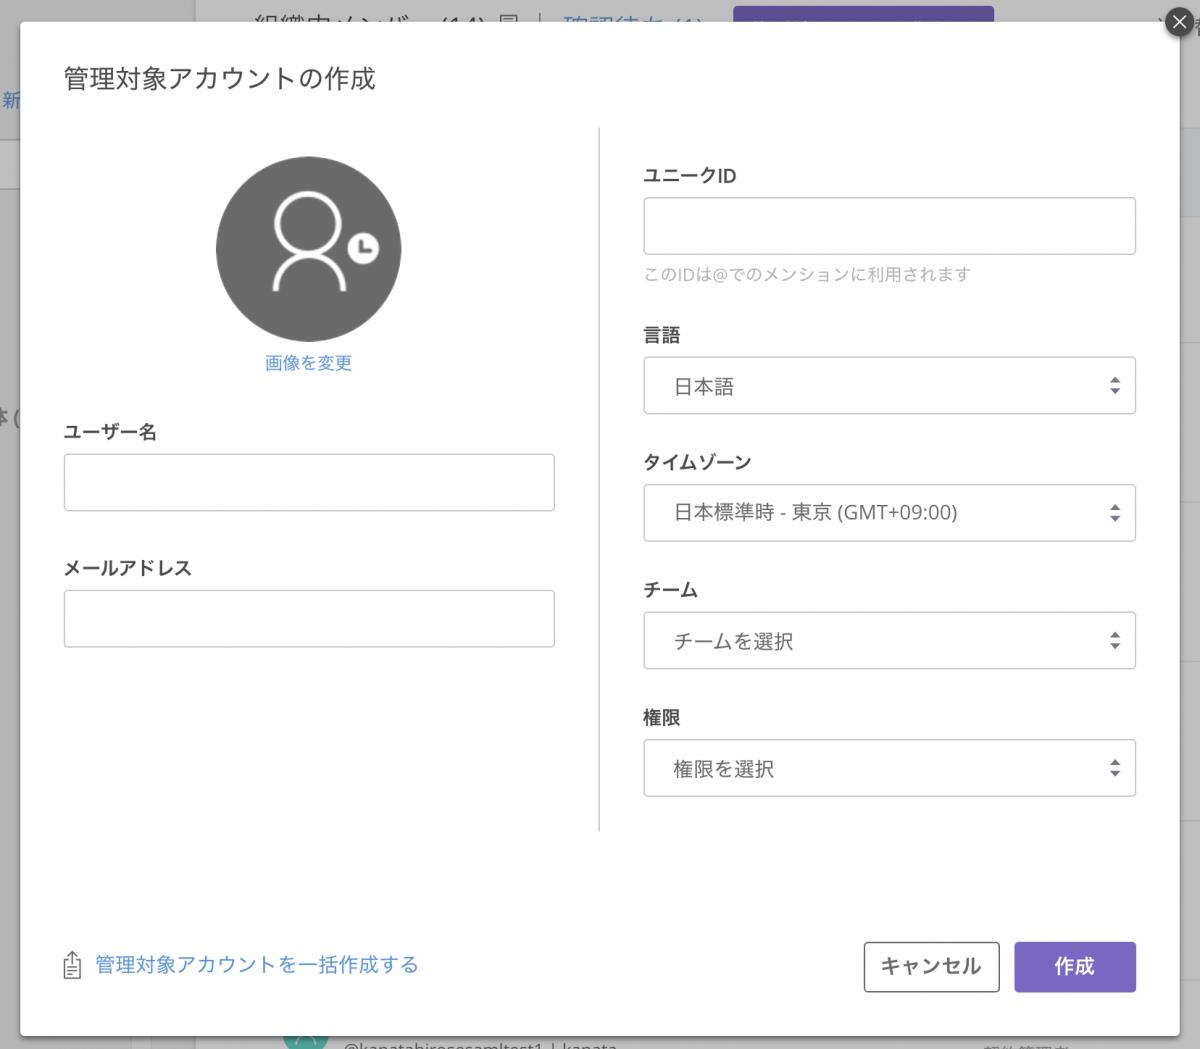 管理対象アカウントは、1つずつ作成せずに、CSVインポートにより一括で作成することも可能です。